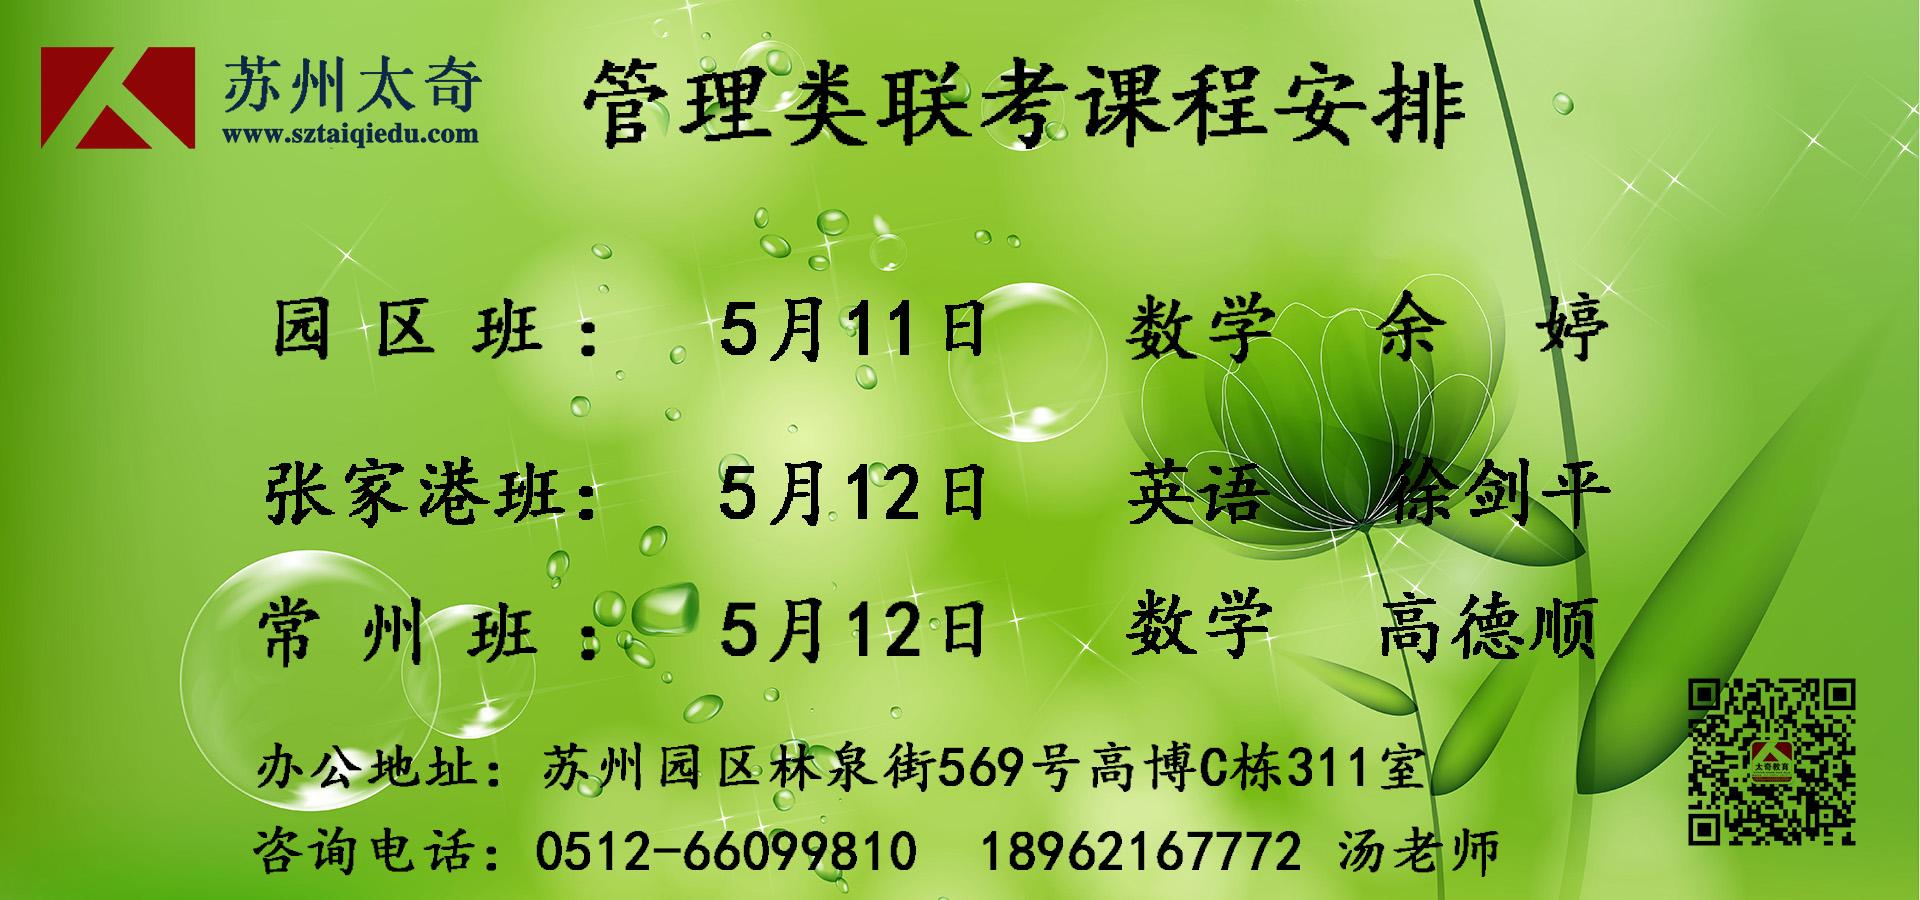 苏州太奇考研5.11日、5月12日课程通知